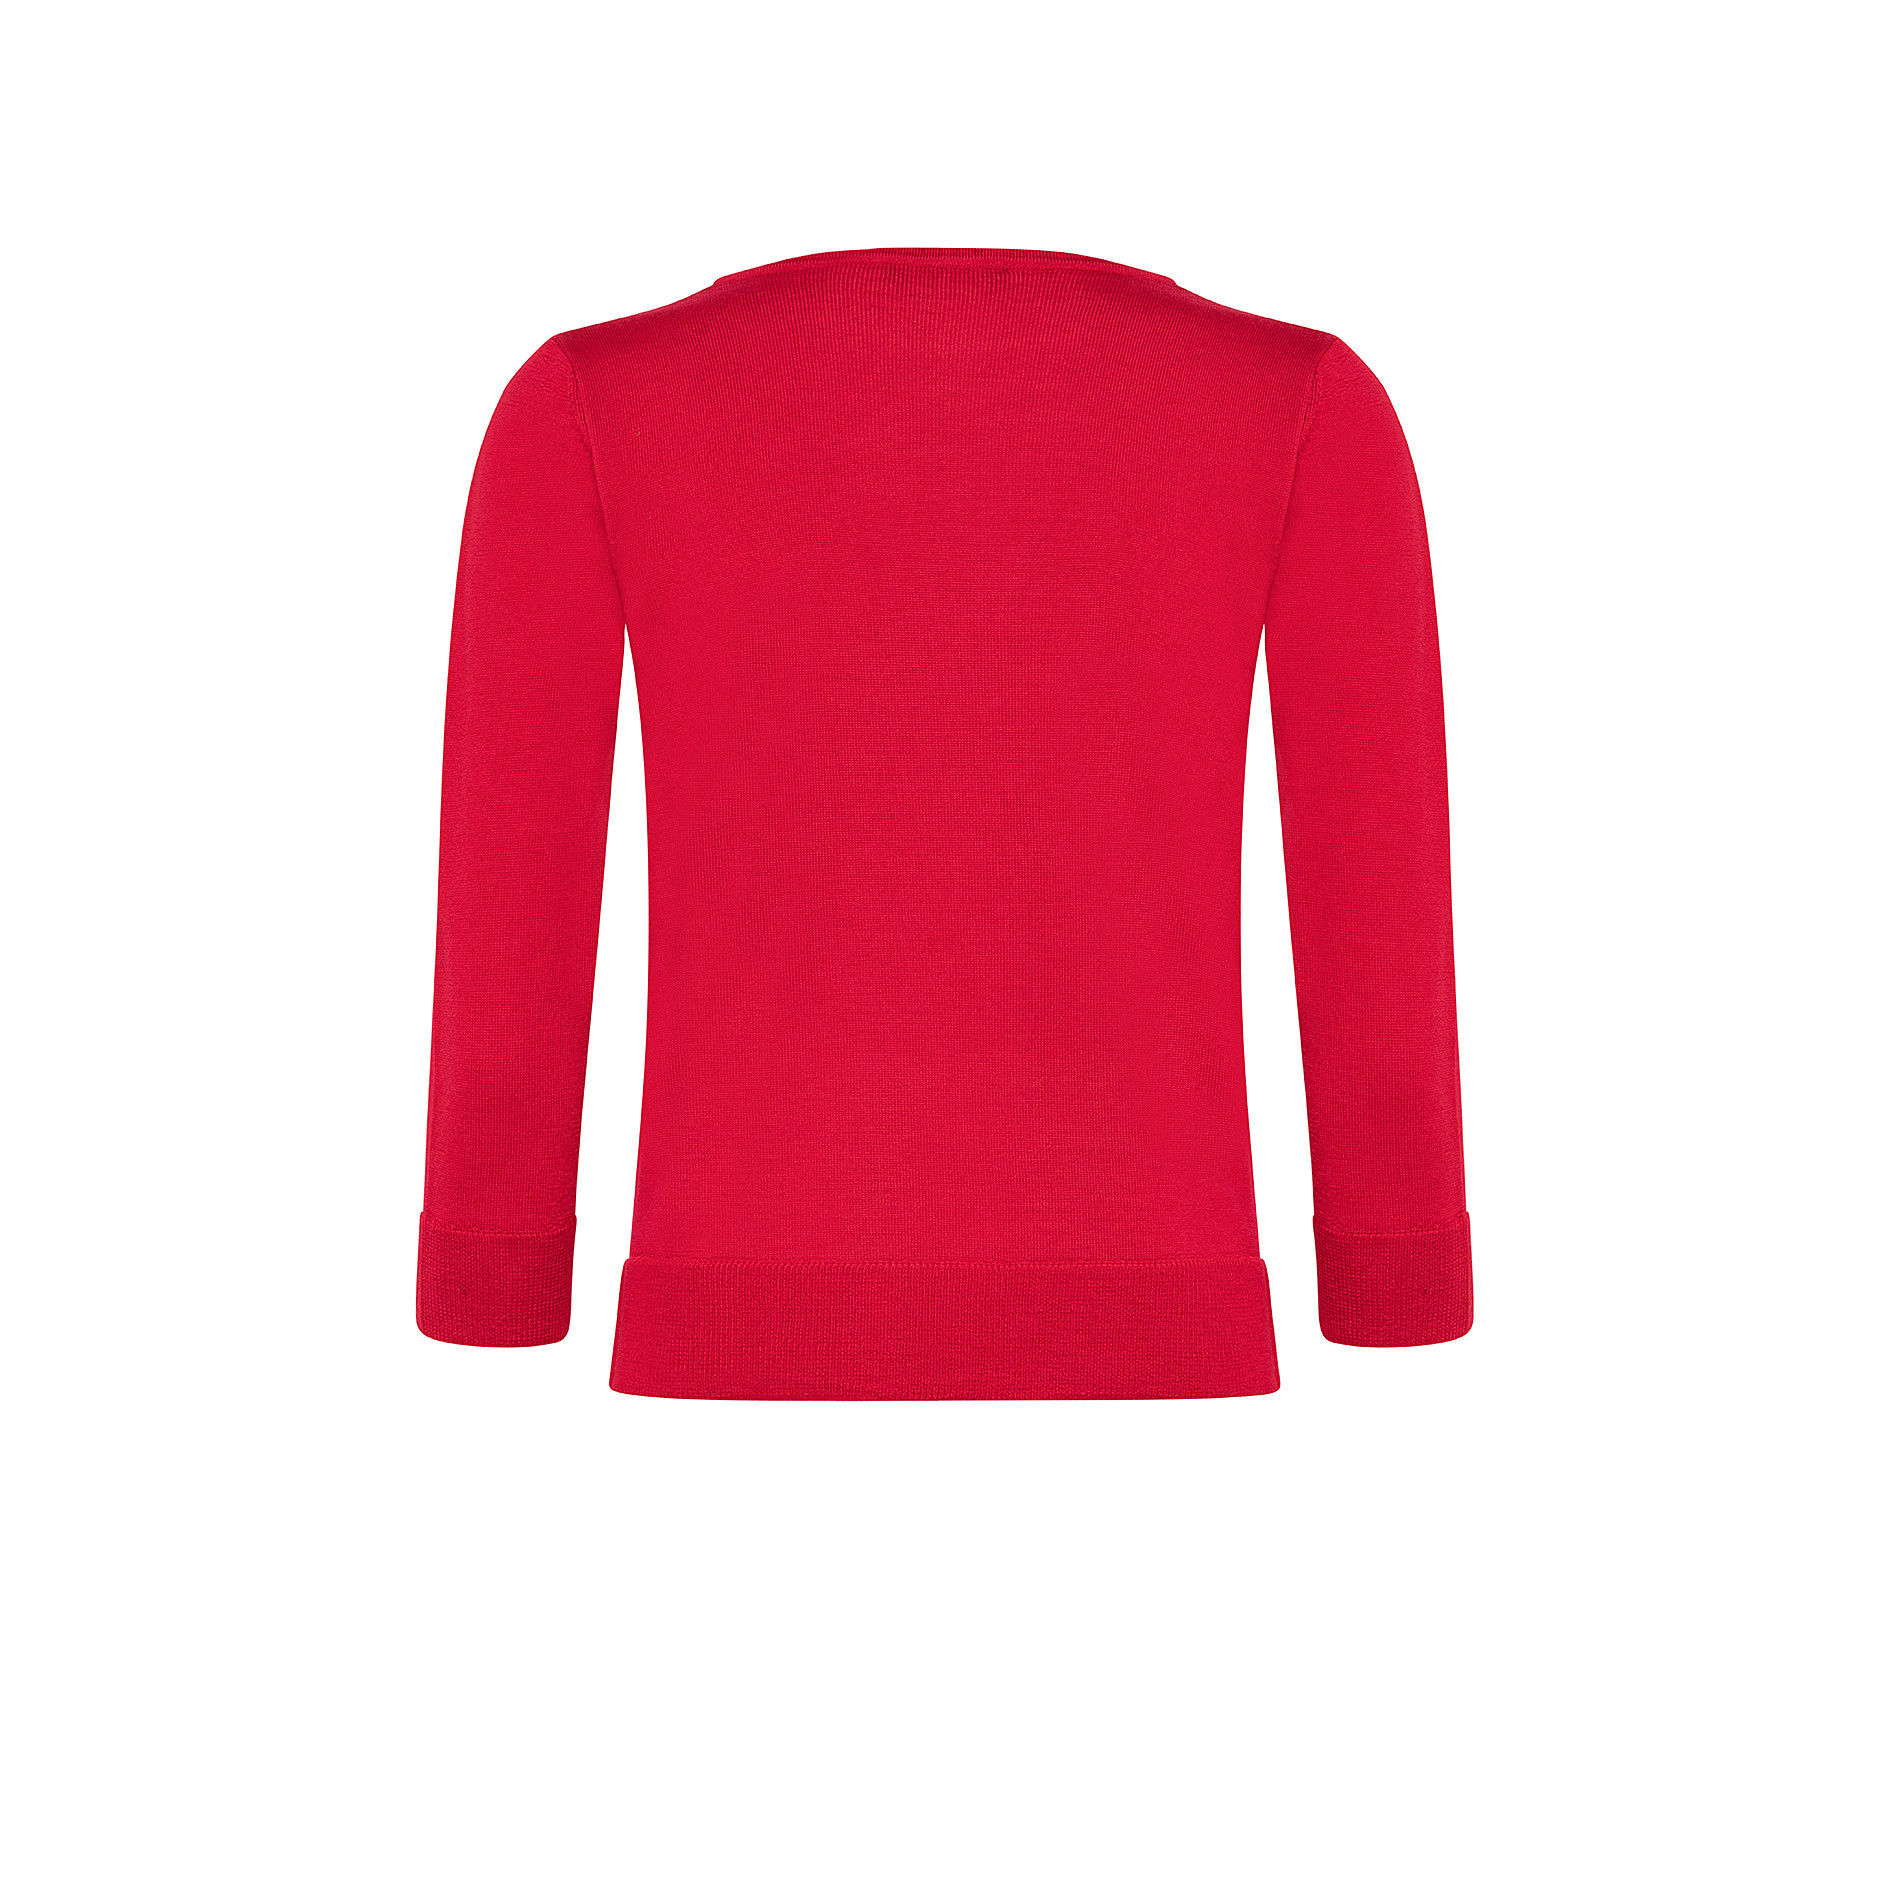 Pullover lana merinos tinta unita, , large image number 1